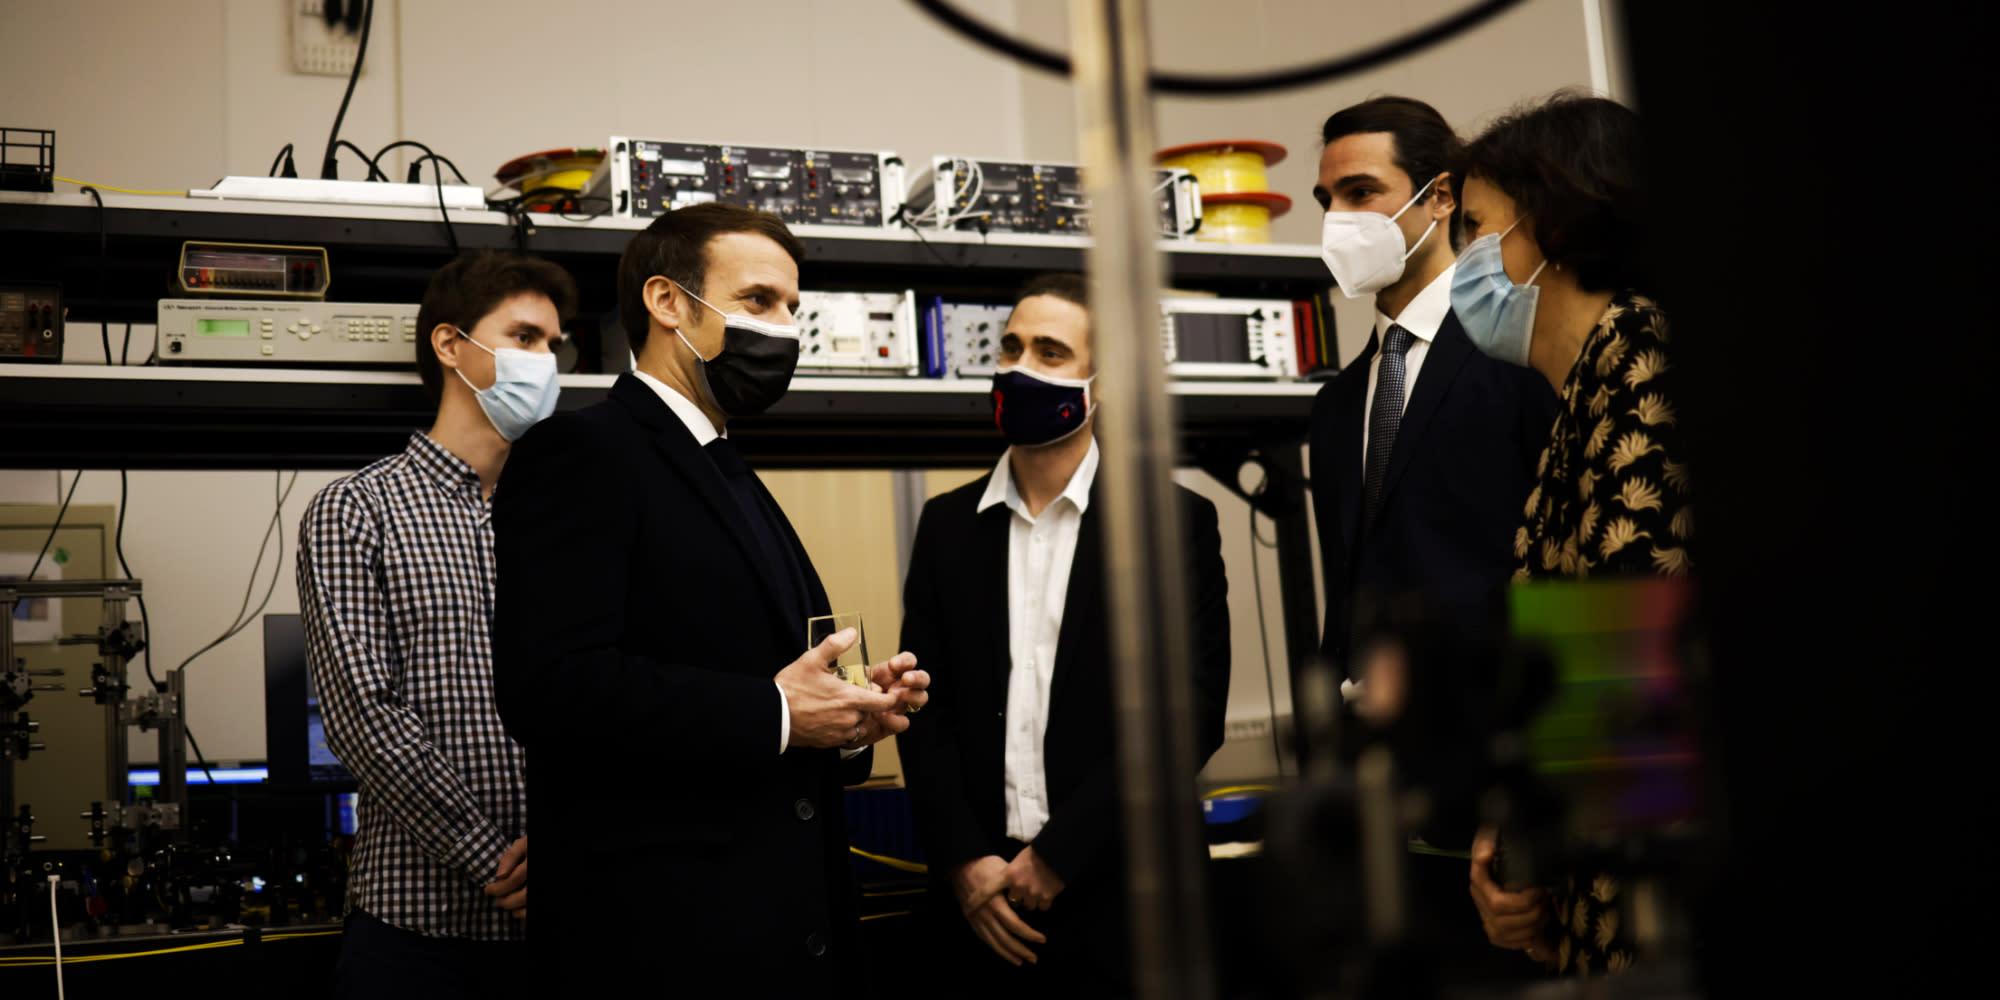 Covid : à Saclay, Emmanuel Macron veut désamorcer la colère et la détresse des étudiants